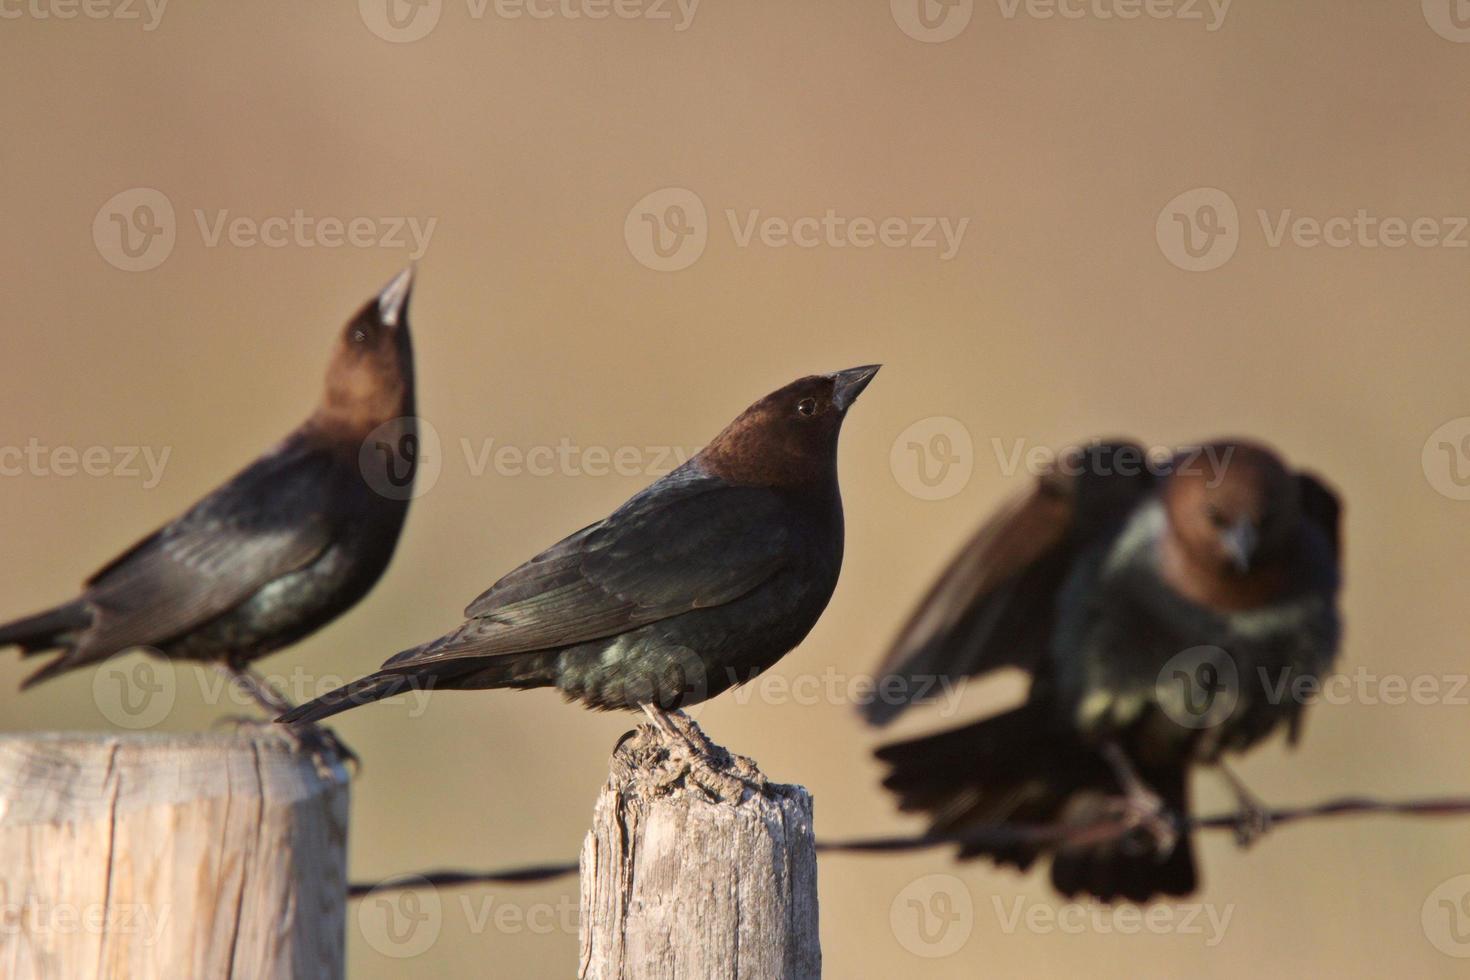 männliche braunköpfige Cowbirds sammeln sich foto